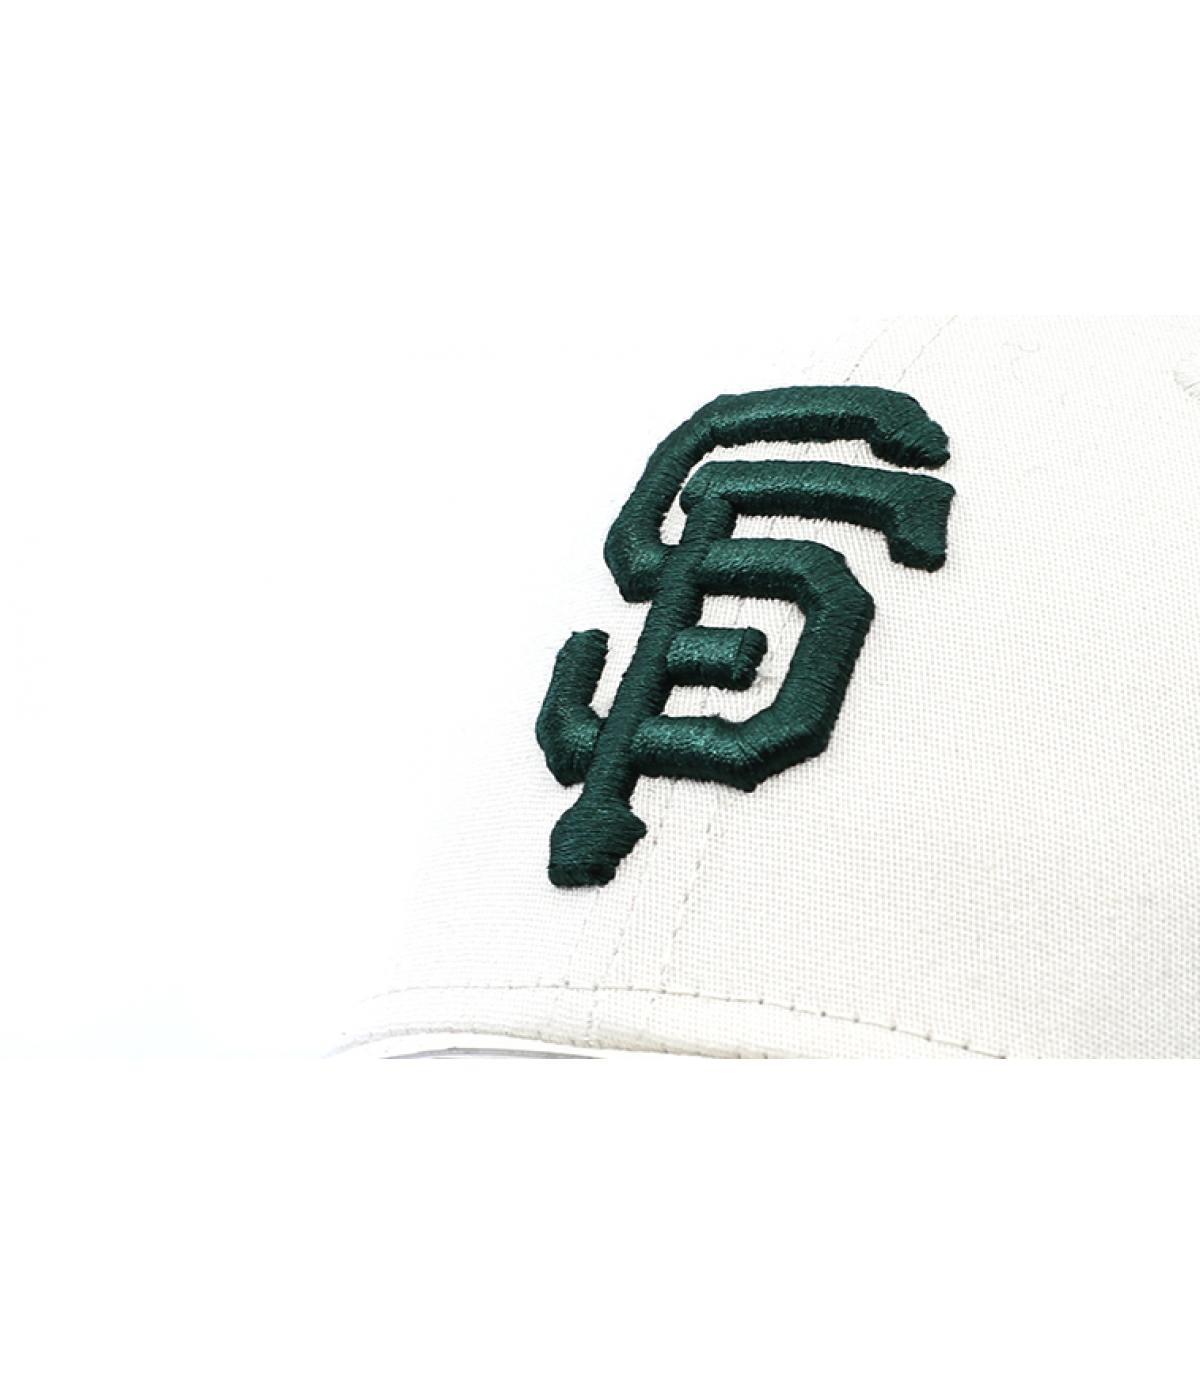 Dettagli League Ess SF 3930 stone dark green - image 3